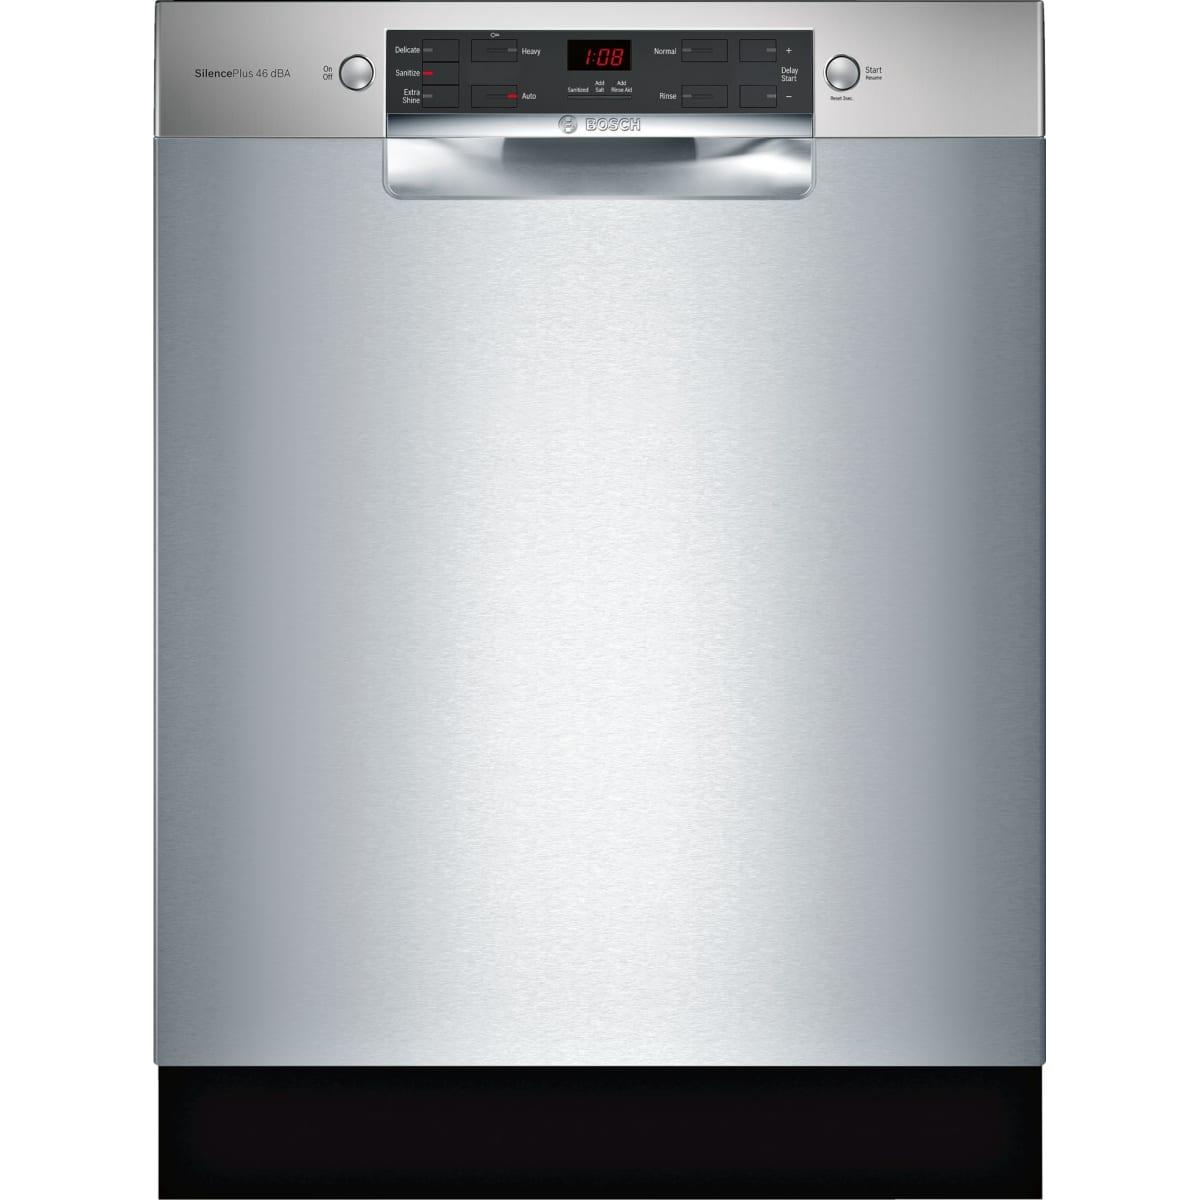 10 BEST Bosch Quiet Dishwashers of March 2020 11